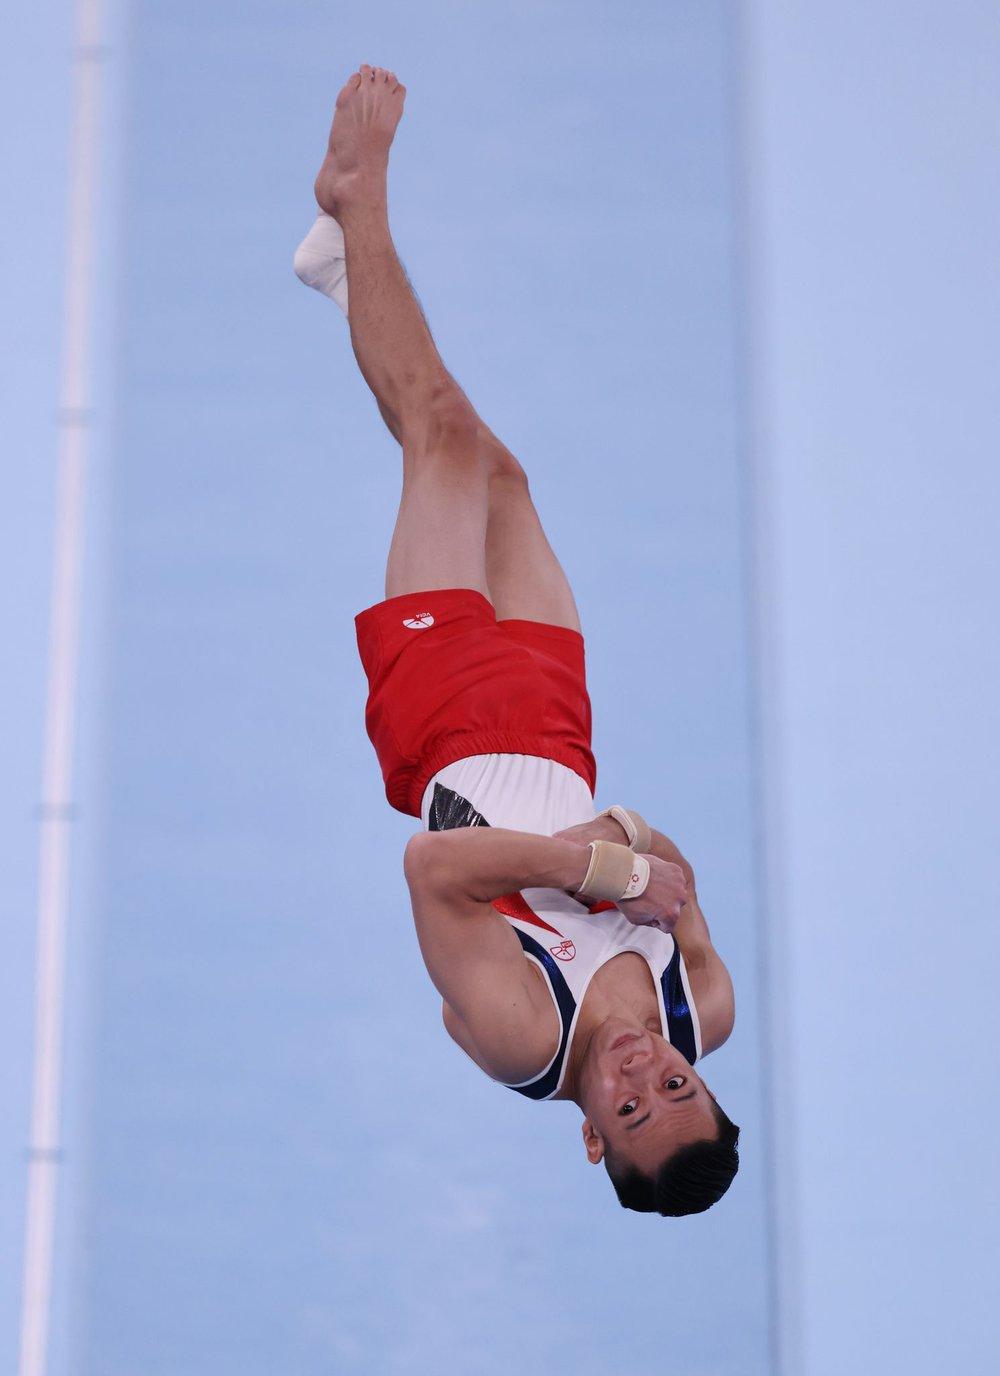 Chênh lệch trình độ quá lớn, 2 hot boy Thể dục dụng cụ Việt Nam ngậm ngùi chia tay Olympic - Ảnh 1.